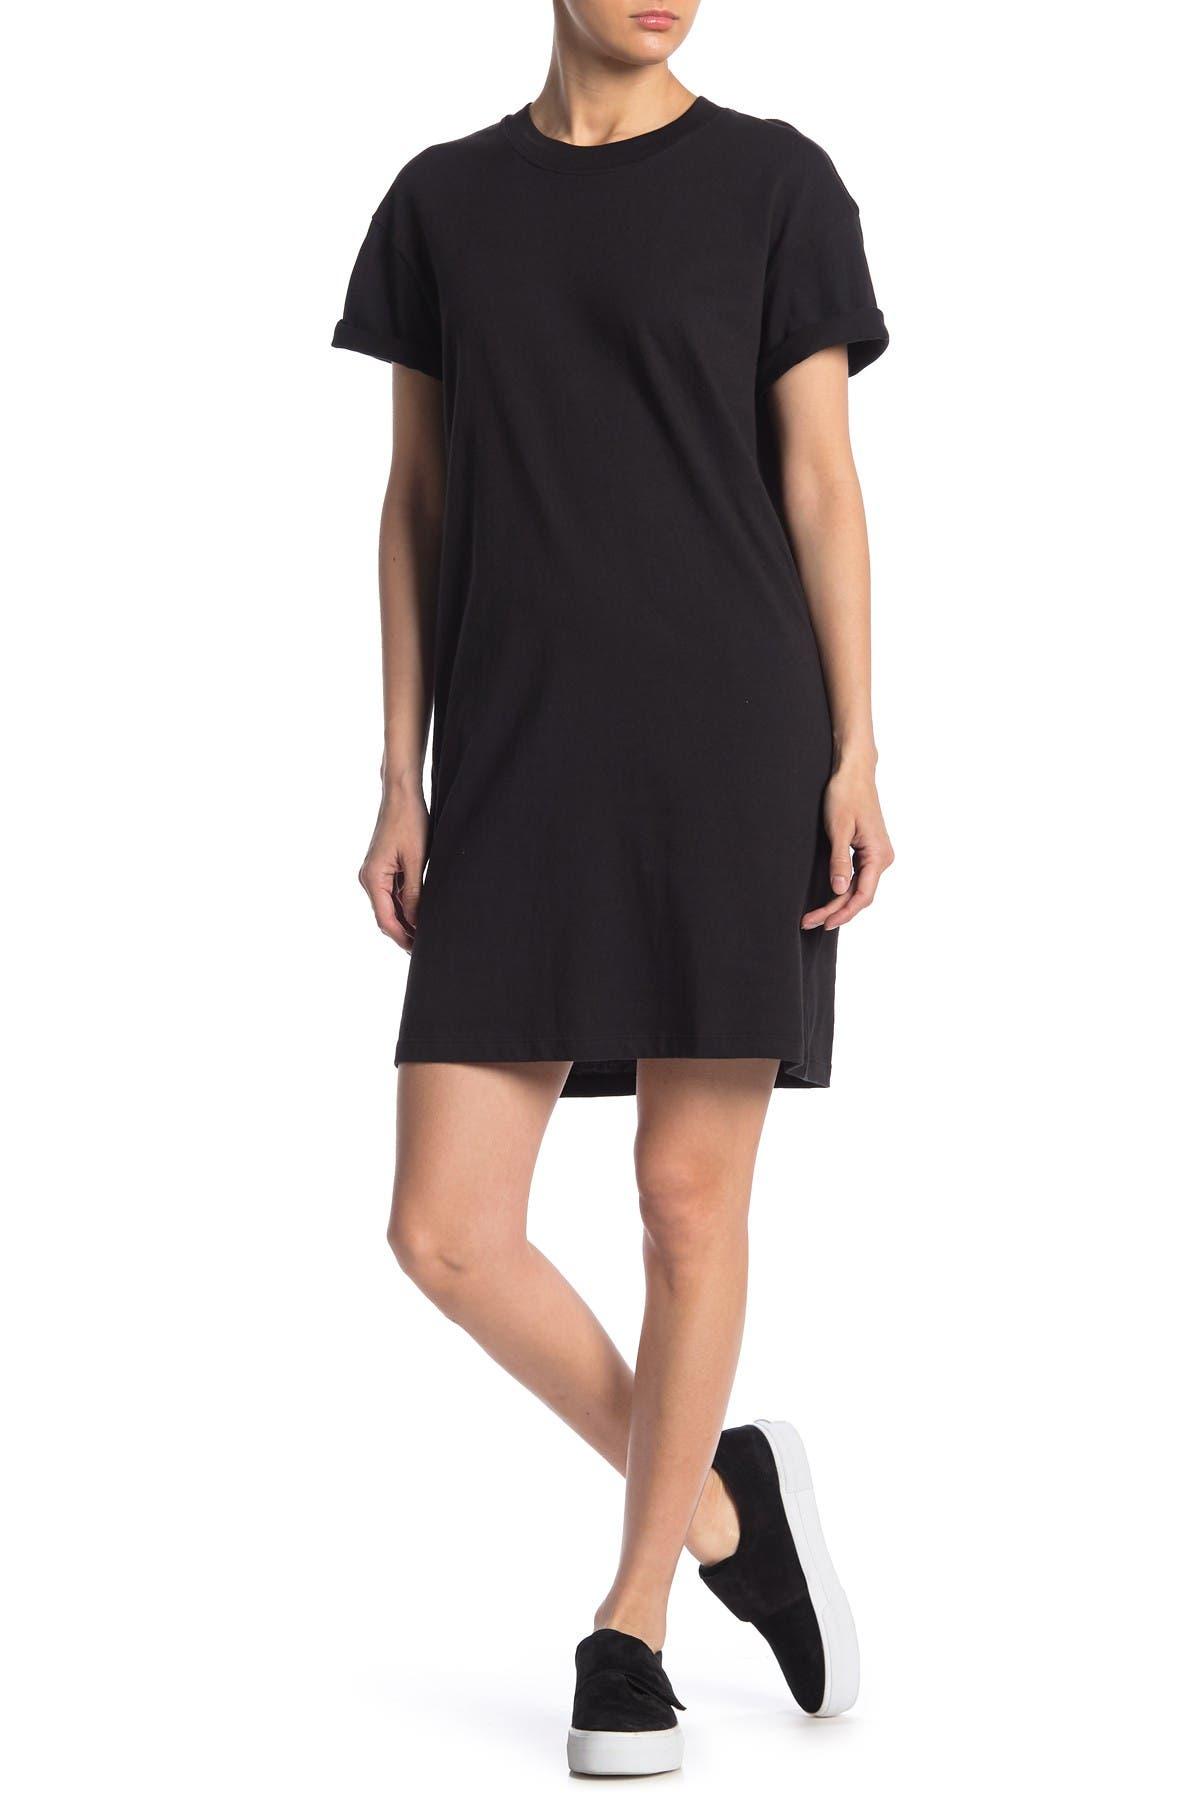 Image of Madewell Tina T-Shirt Dress